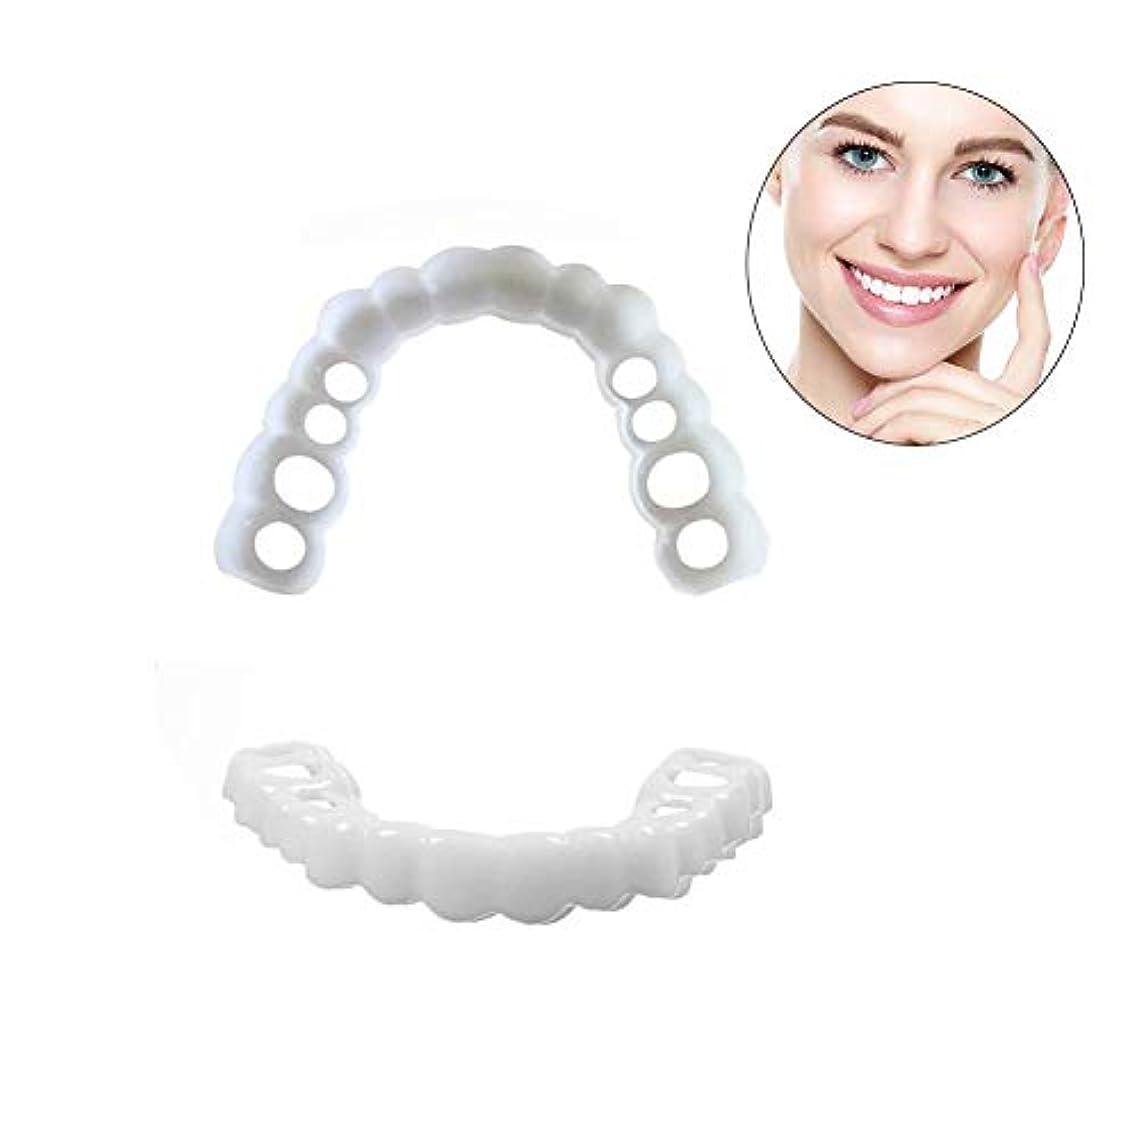 舗装するトースト湾3ペア一時的な化粧品の歯義歯歯の化粧品模擬装具アッパーブレース+ロアブレース、インスタント快適なフレックスパーフェクトベニアの歯スナップキャップ